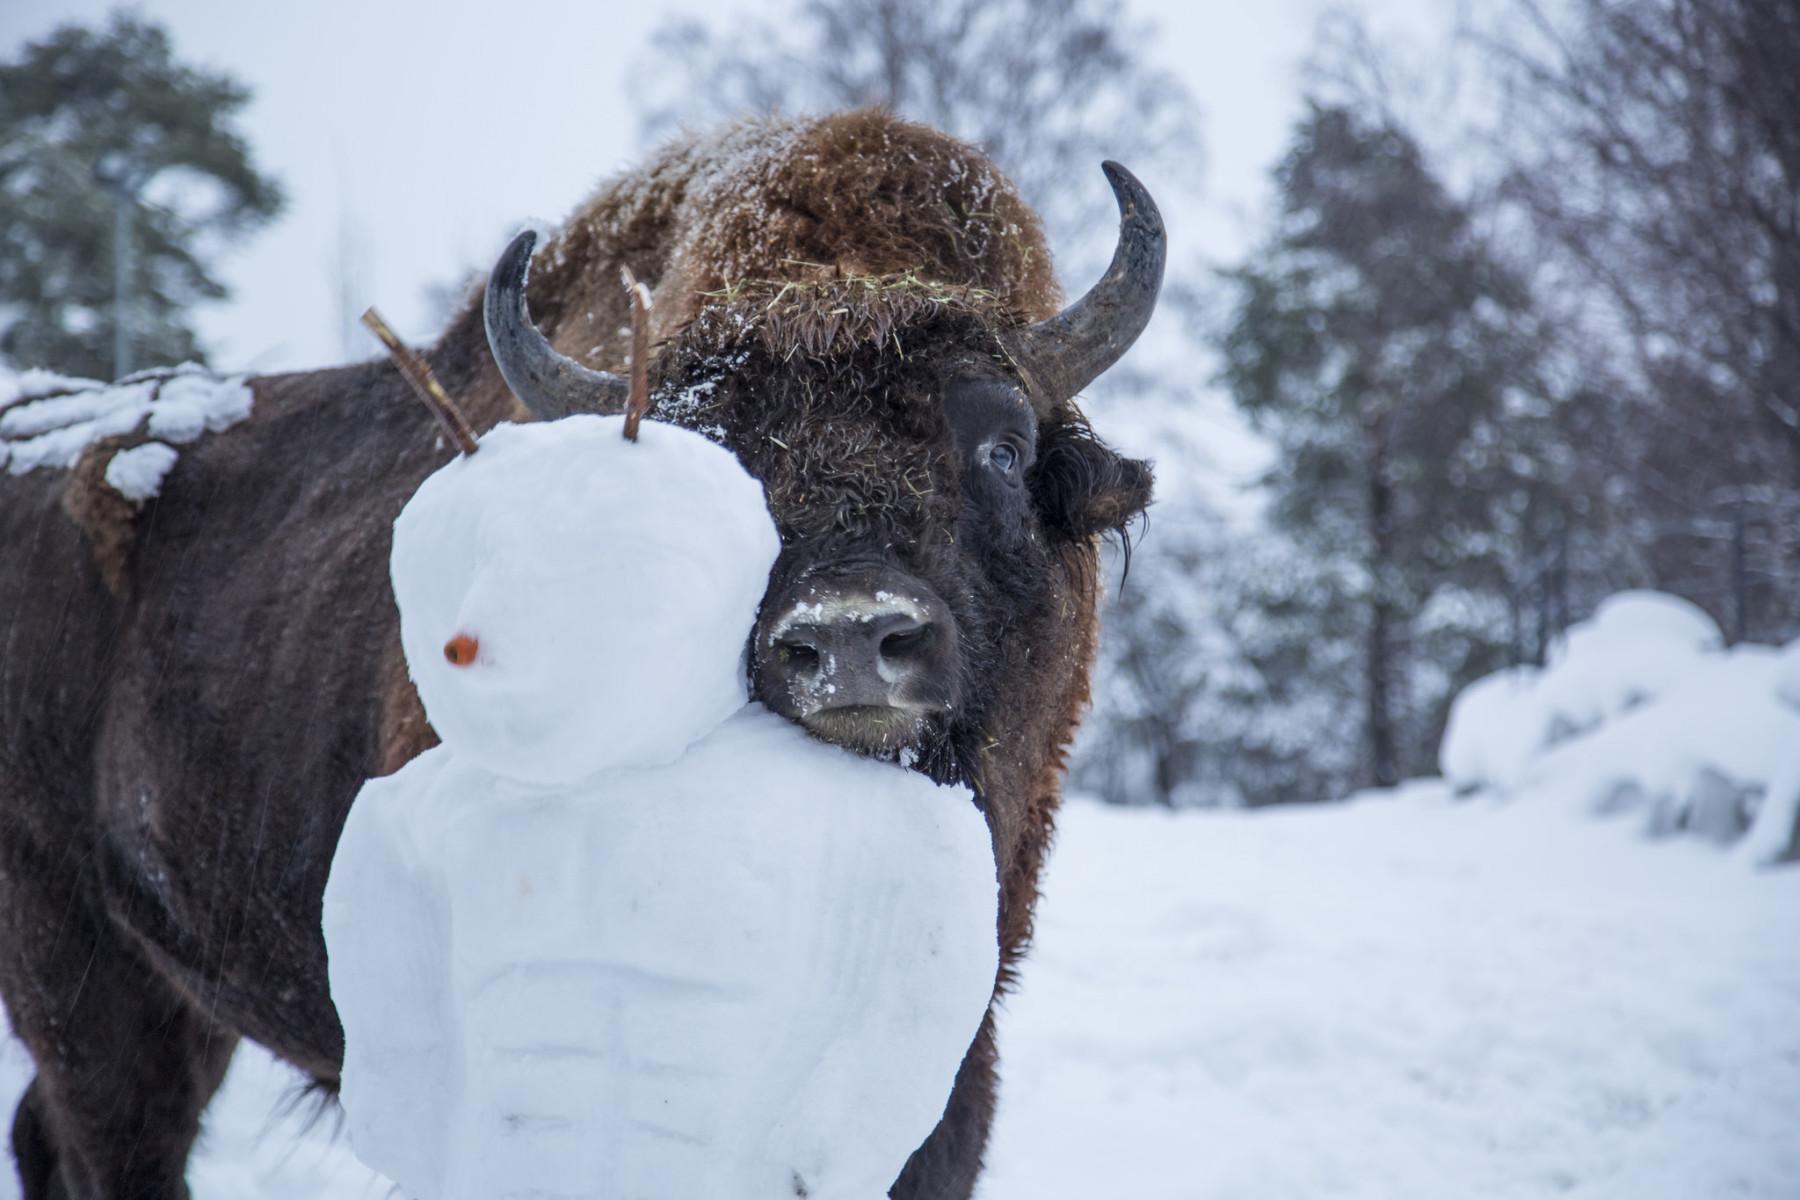 In Helsinki geborene Wisente streifen heutzutage durch die Wälder Russlands. Es gibt aber keine Pläne, die schrecklichen Schneemänner des Zoos in die Wildnis zu entlassen.